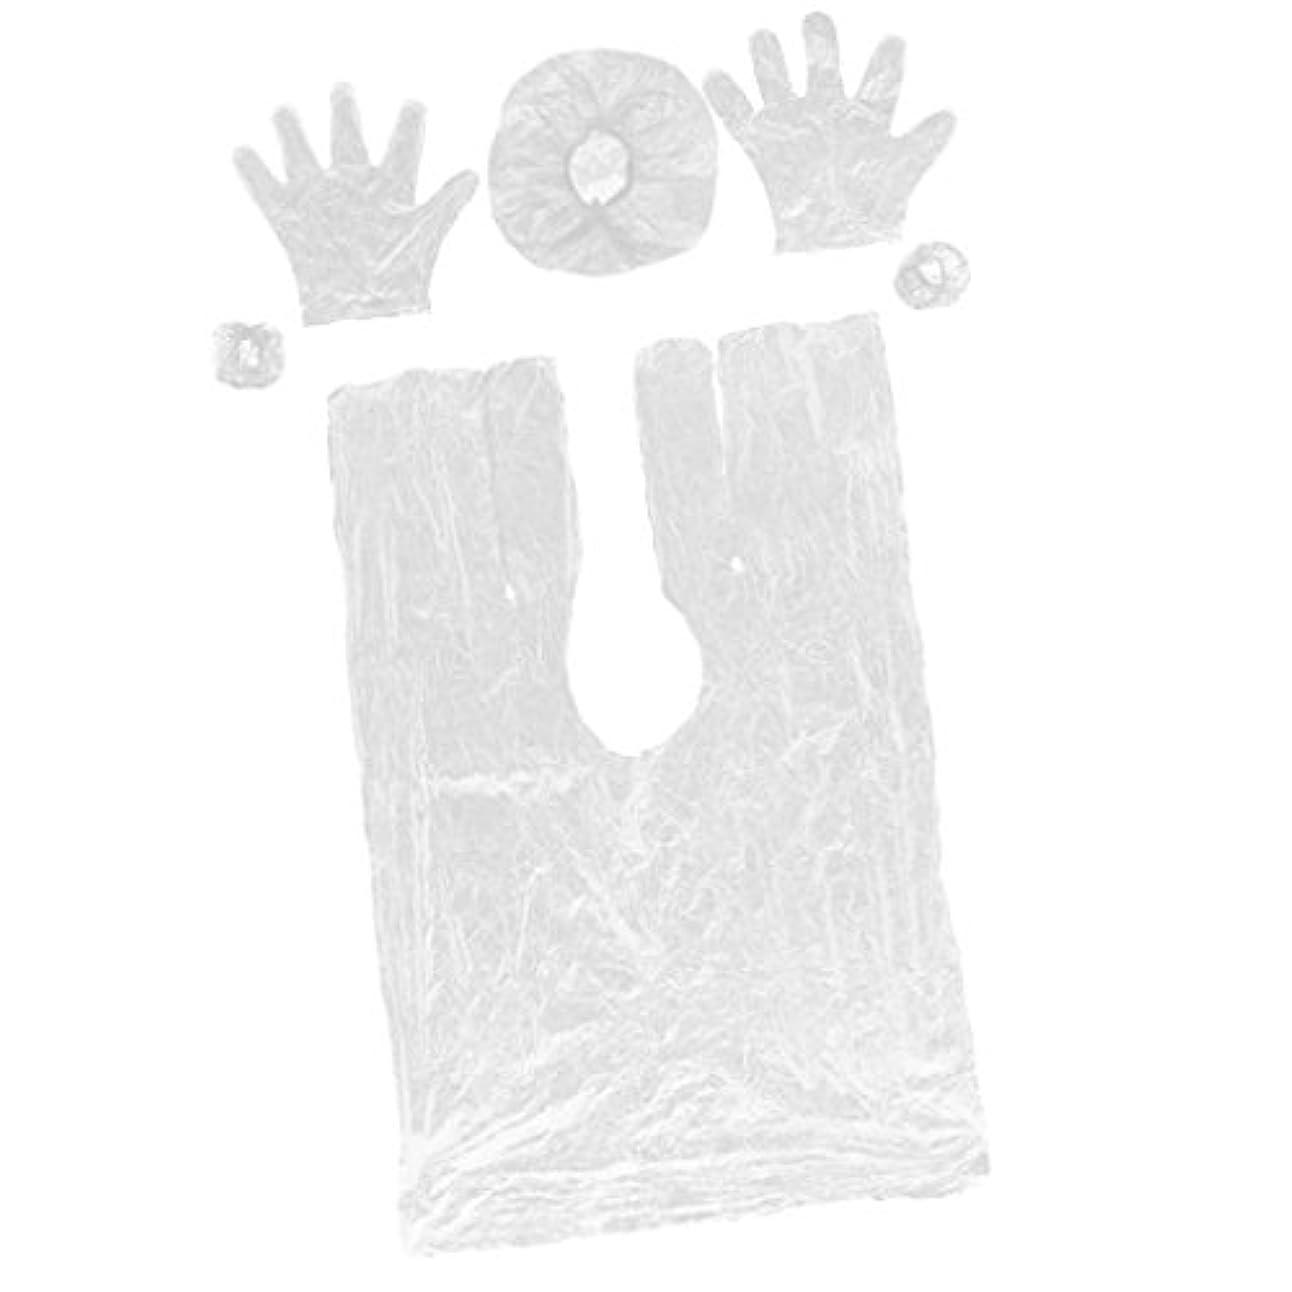 れる一握り乗算Perfk 使い捨て ヘアケア サロン プロ 自宅用 弾性キャップ サロンケープ  手袋 耳栓 プラスチック製